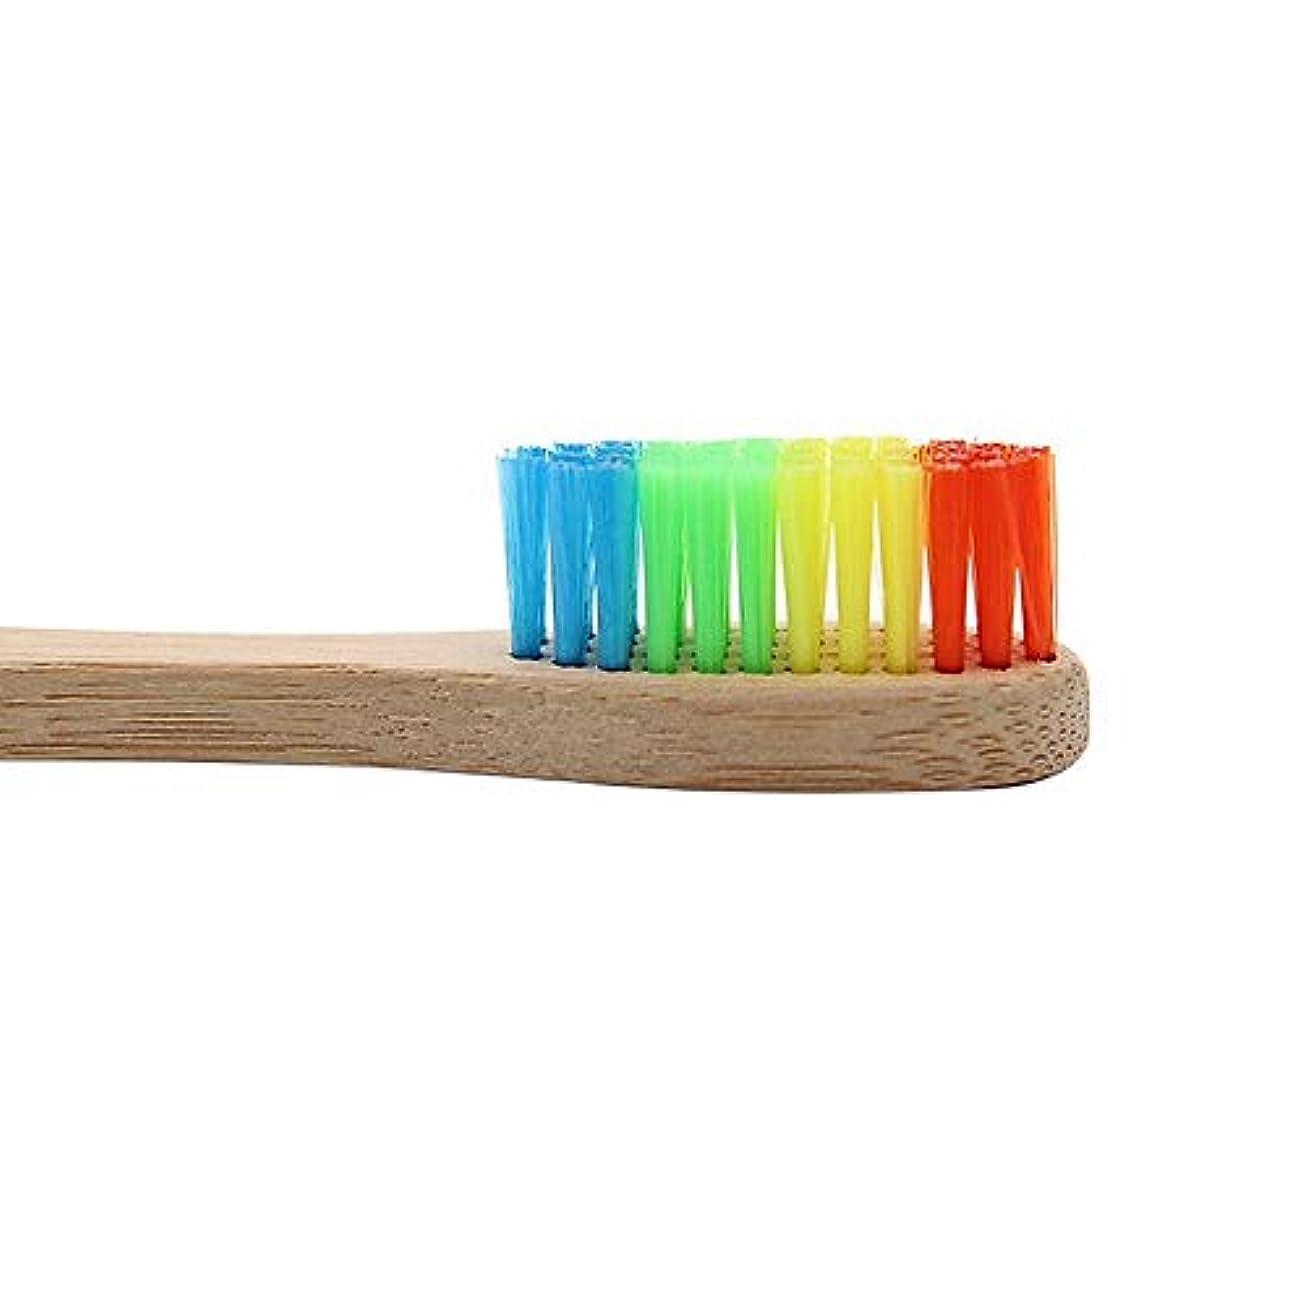 追跡覆す解読する天然竹歯ブラシ 竹の歯ブラシ ナイロン毛 1本  (カラー)